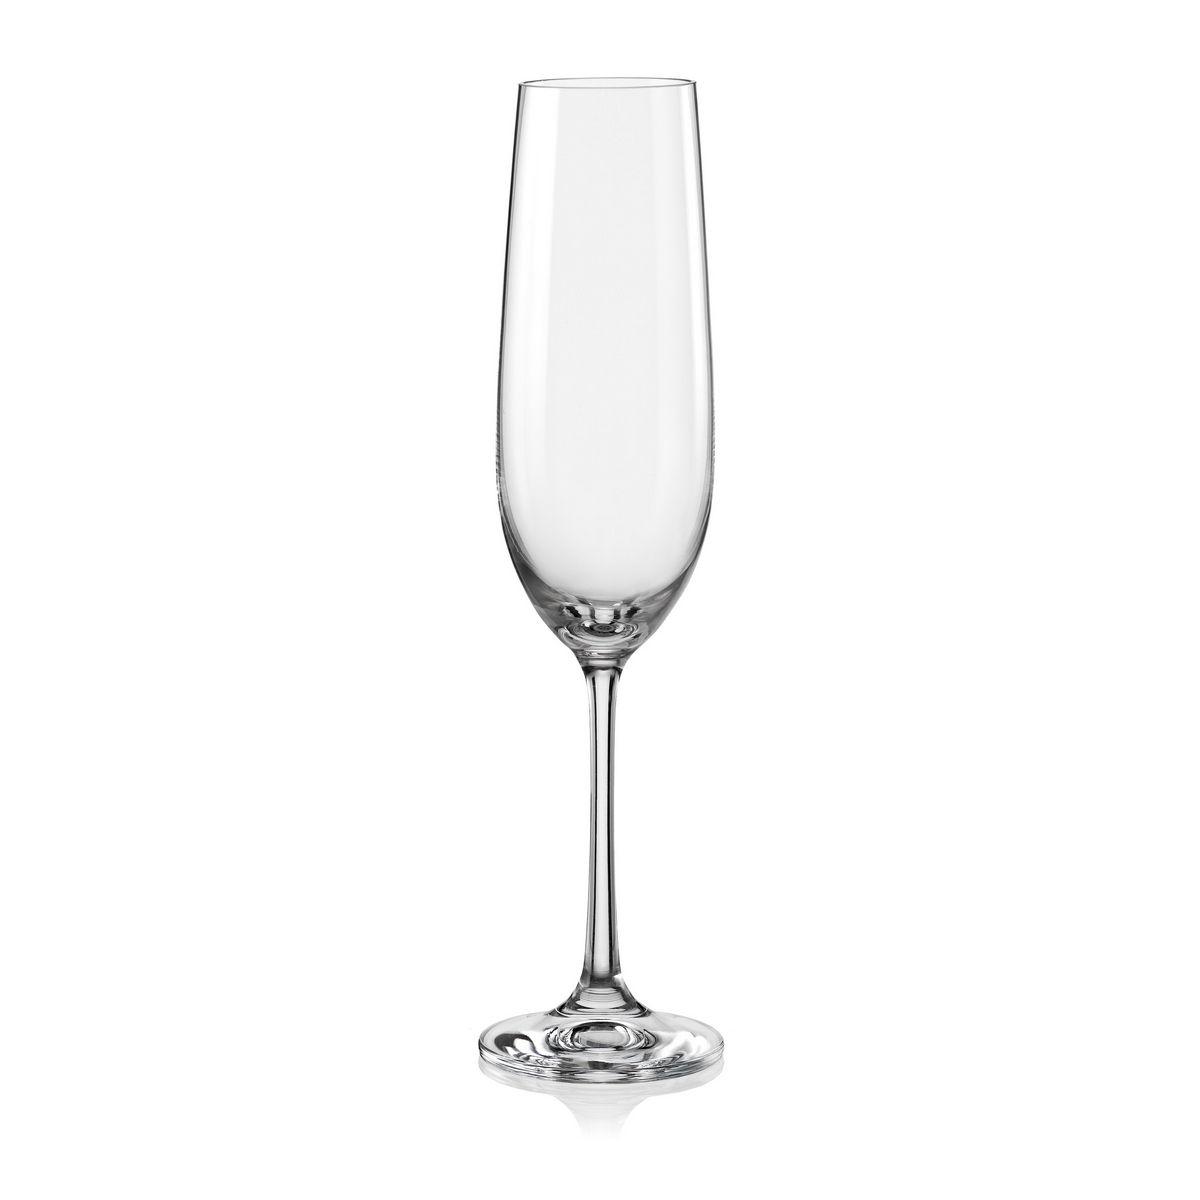 BAR Set 4 pahare cristalin sampanie 190 ml